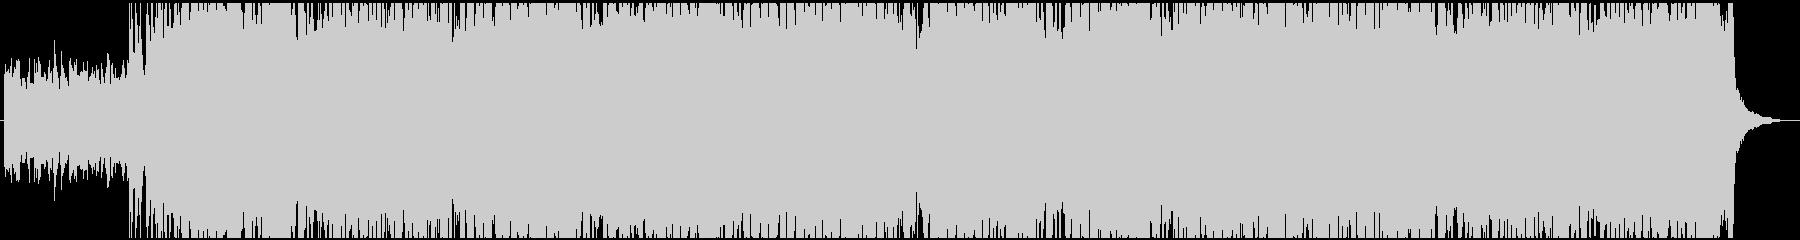 リフから始まるハイテンポのロックです。の未再生の波形